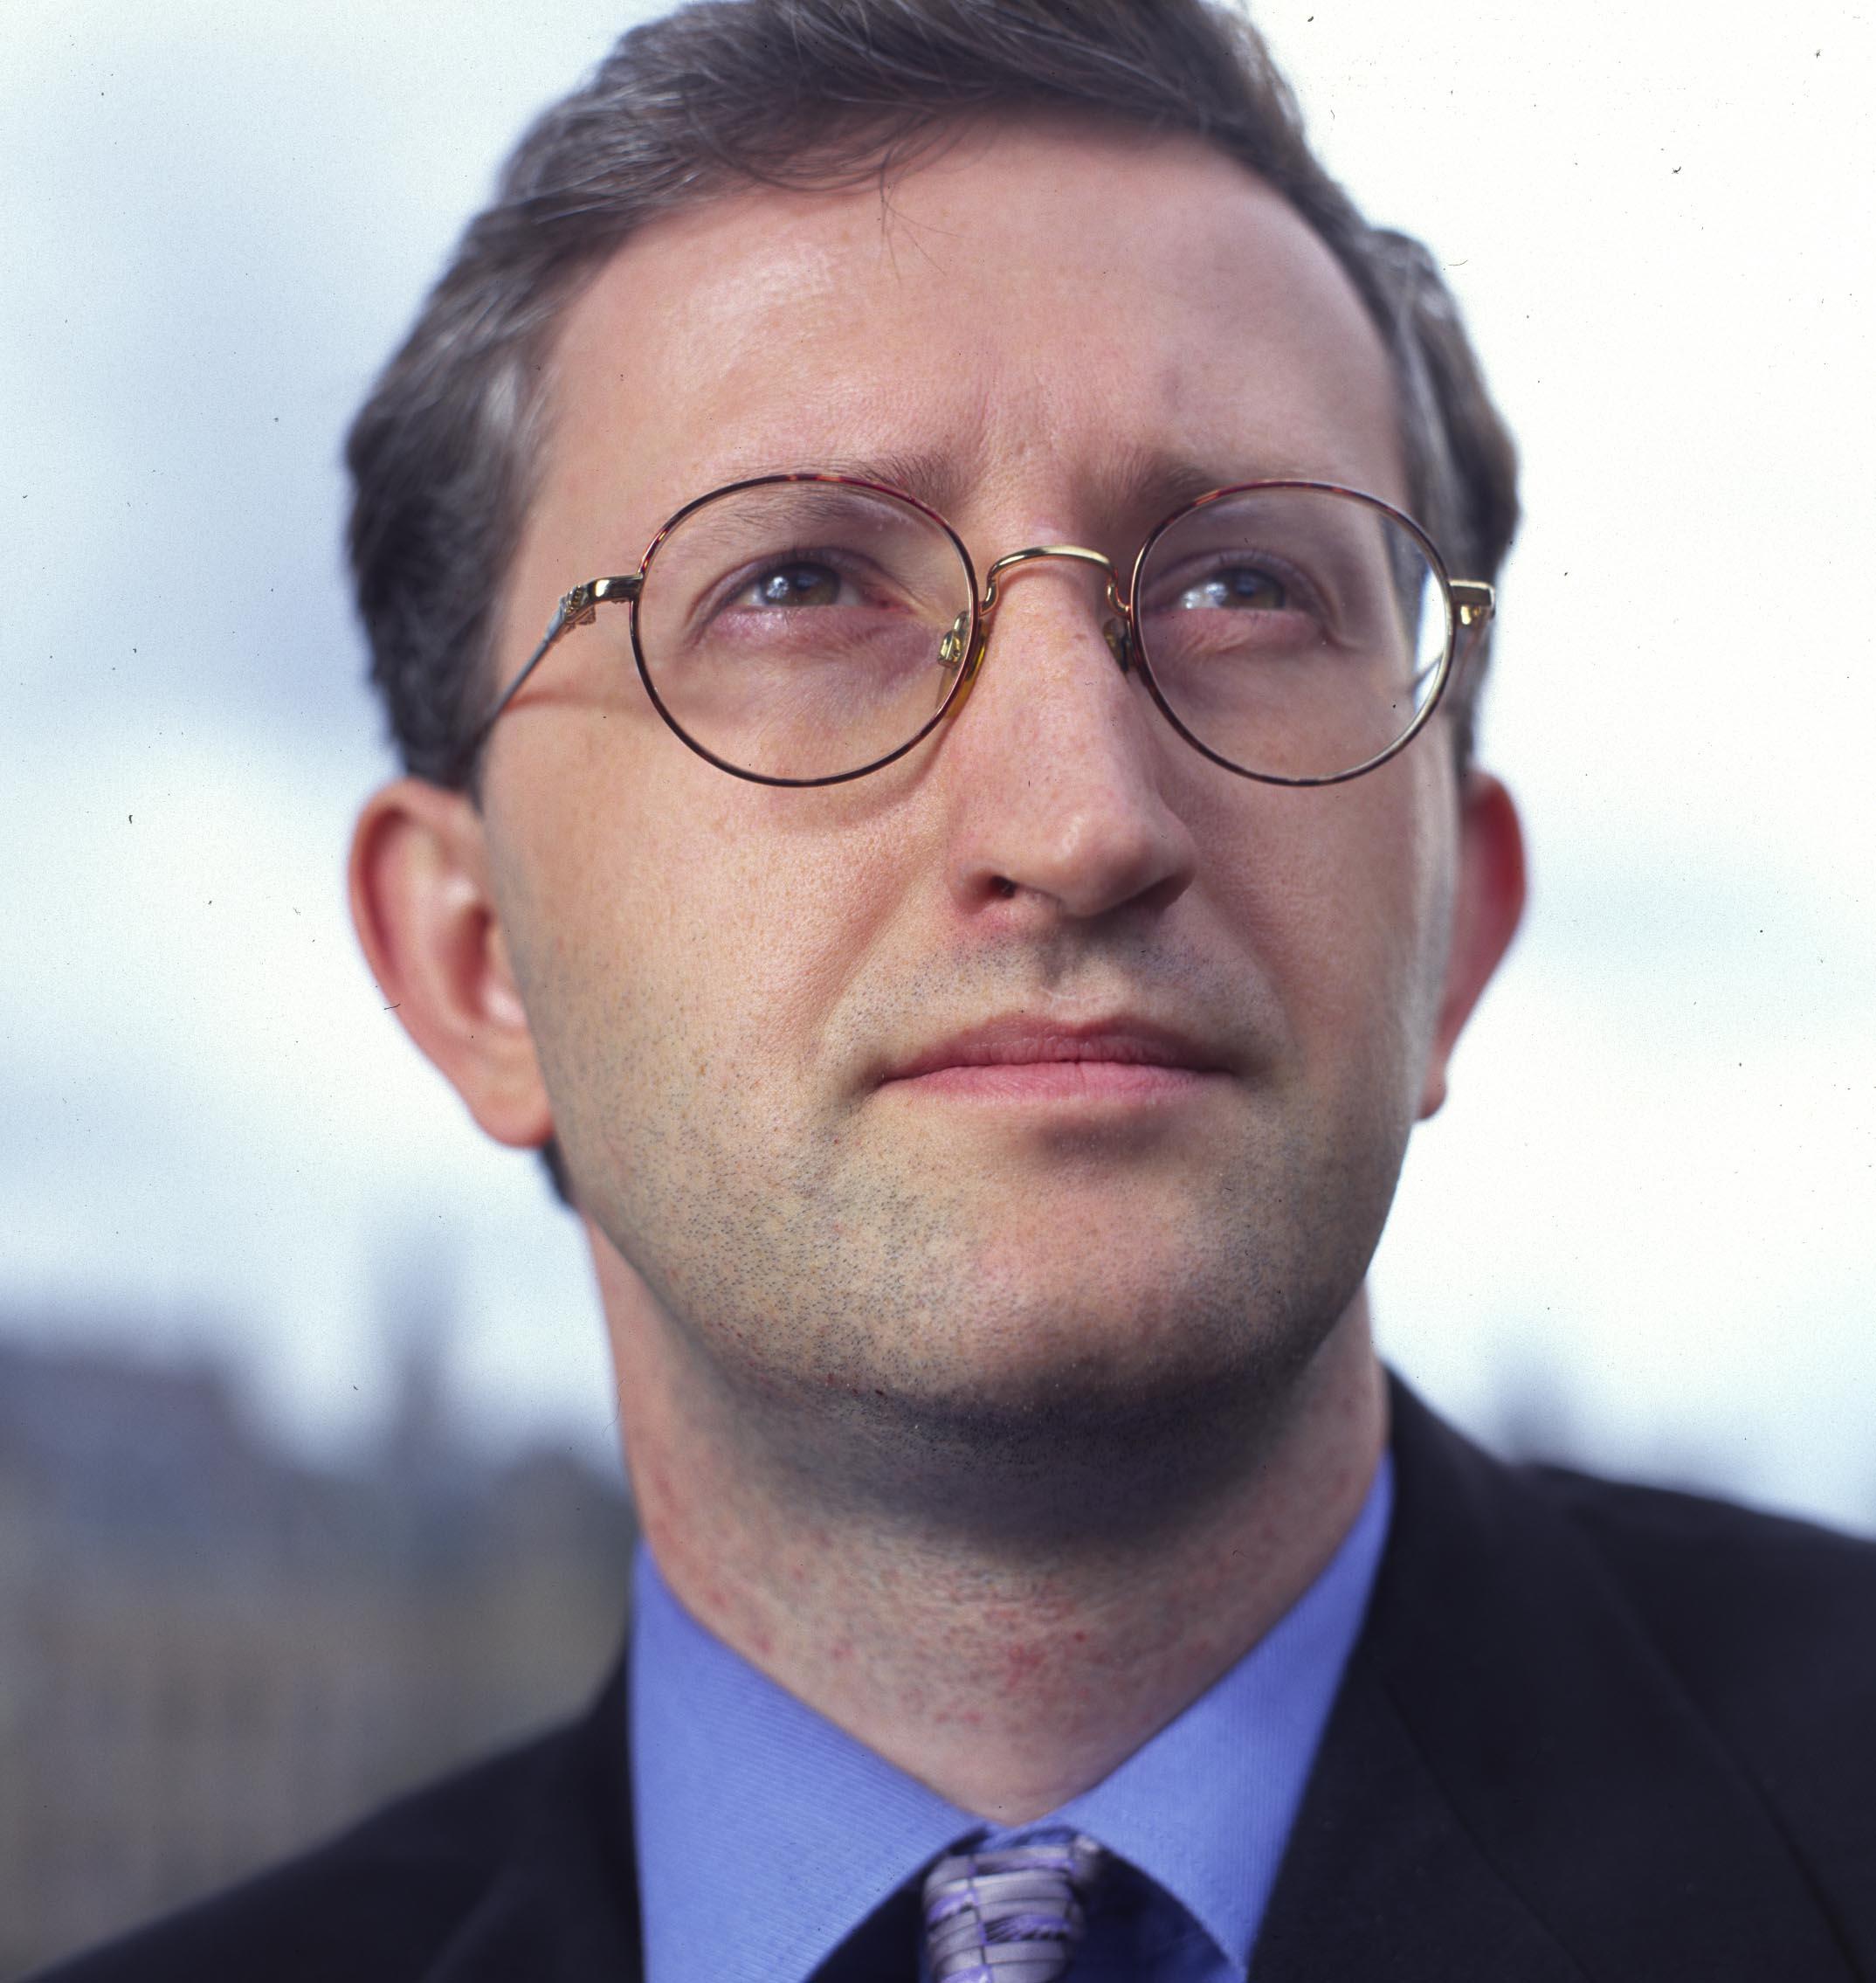 Joshua Livestro in 2002, toen hij actief was voor de Edmund Burke Stichting. Foto: Marco Hillen/HH